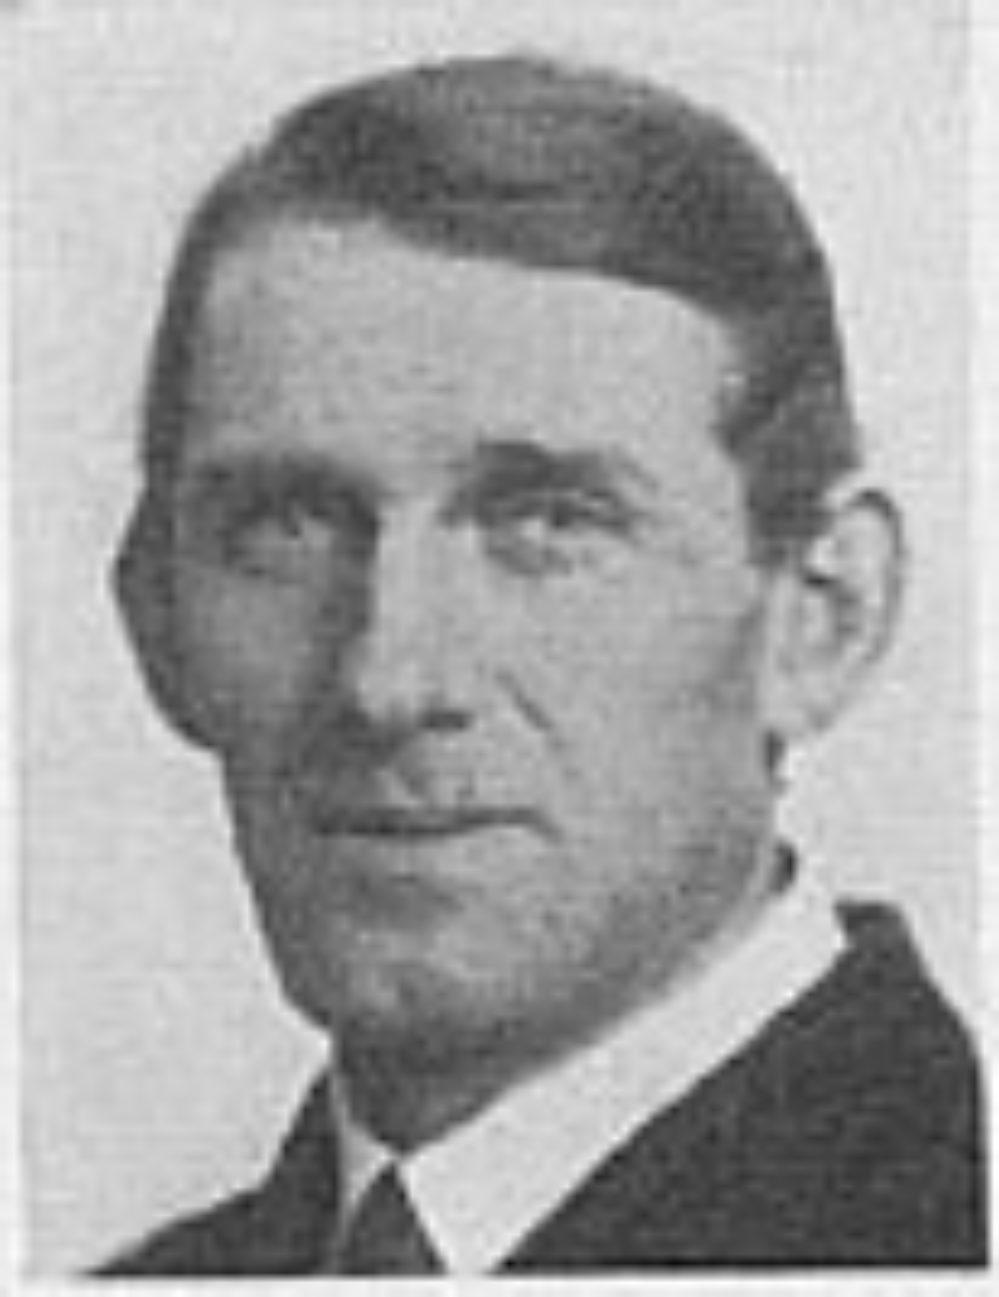 Daniel Johan Dreyer